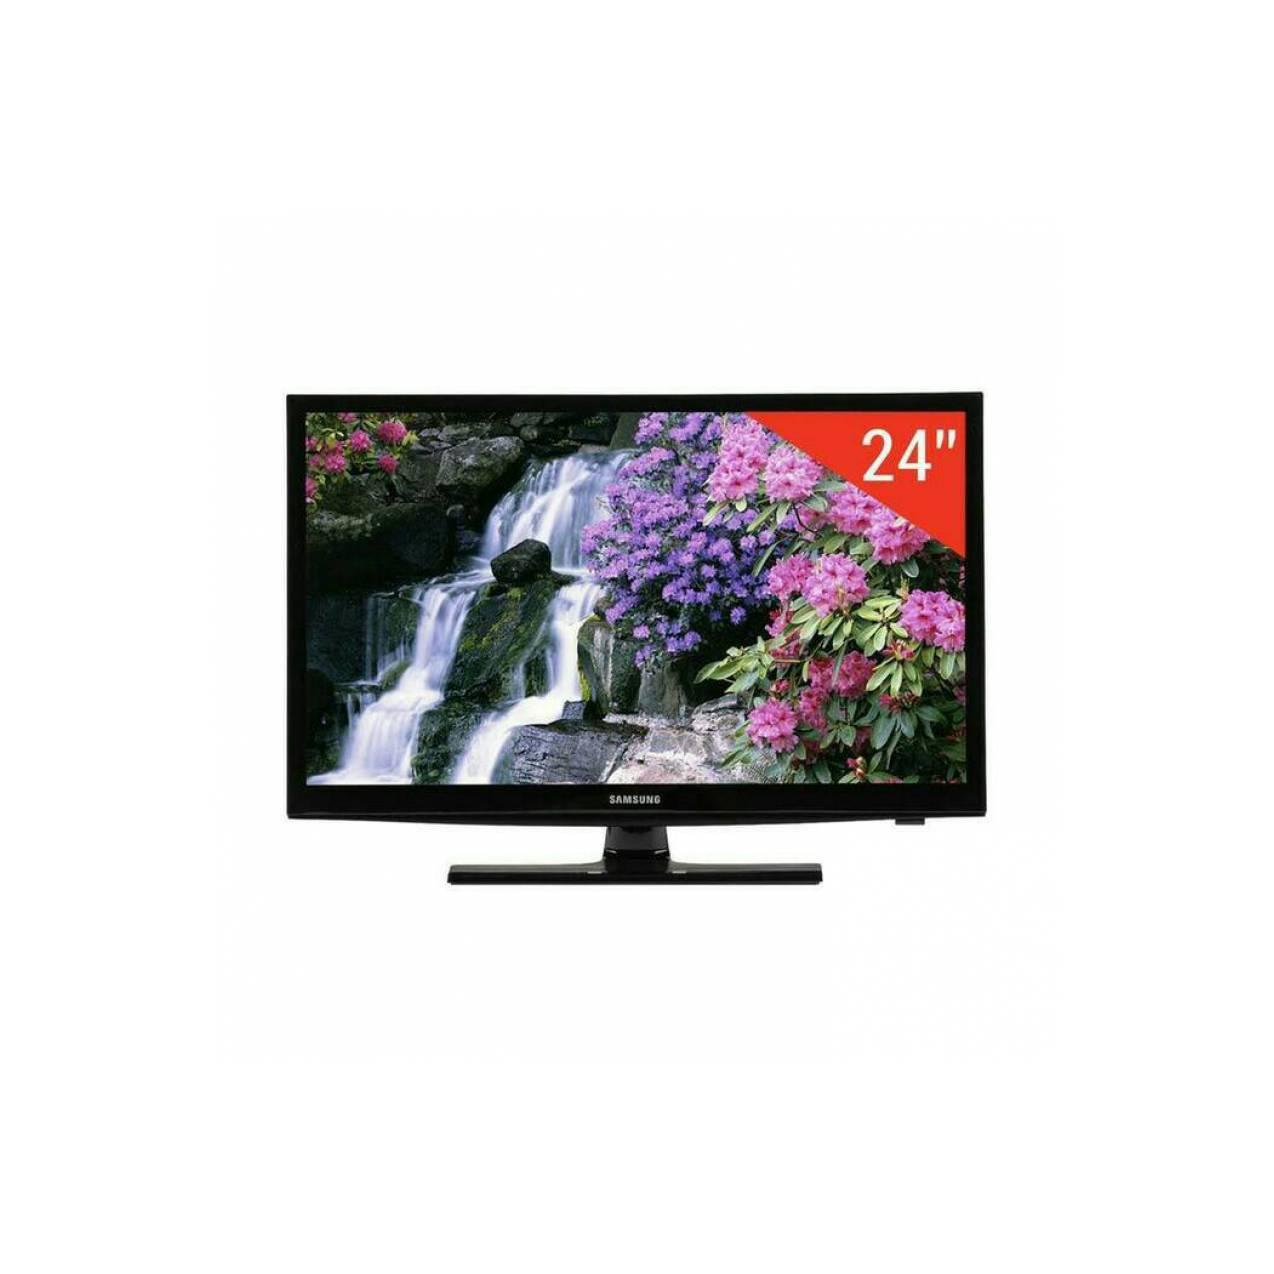 SAMSUNG 24H4150AR Led Tv layar 24inch USB MOVIE - Murah